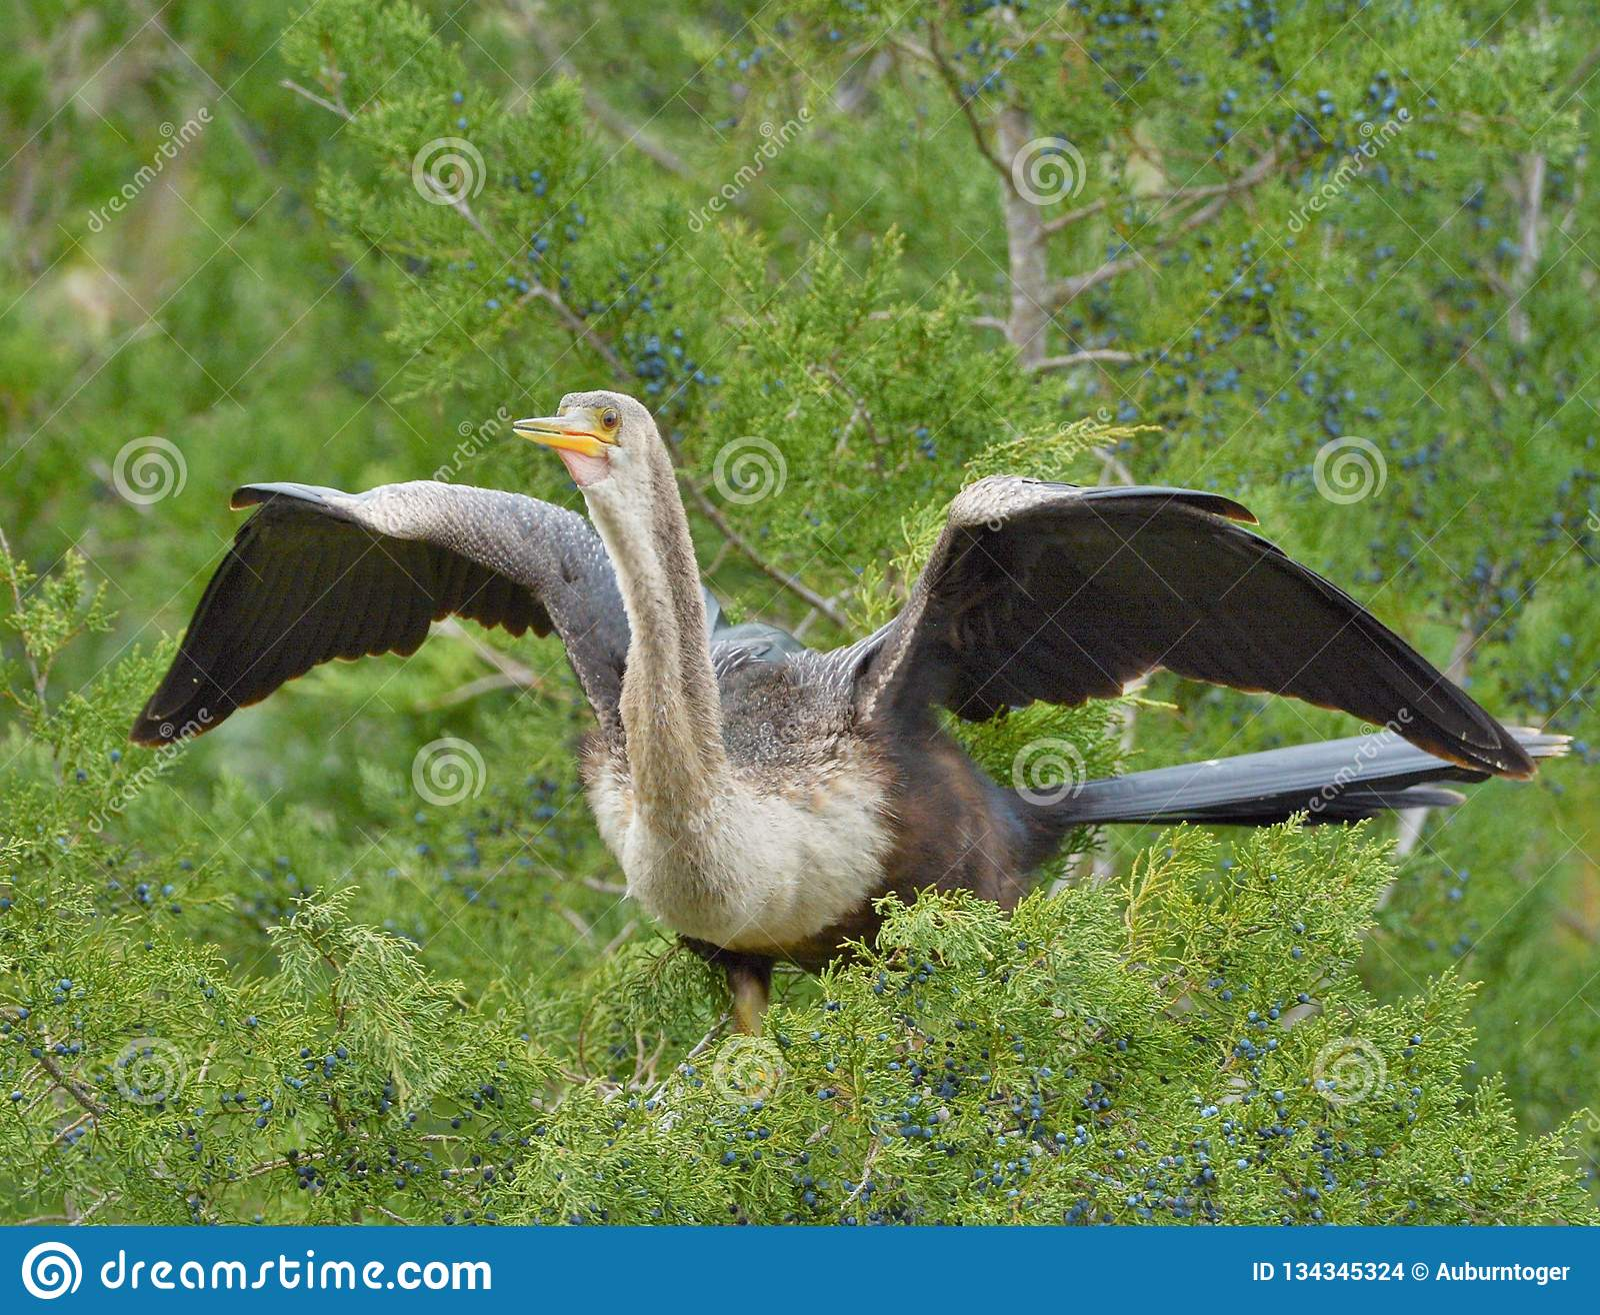 Aufeinander folgendes Tauchen kräuselt die Federn des Anhinga und erfordert den Vogel, viel seiner Zeit zu verbringen putzend